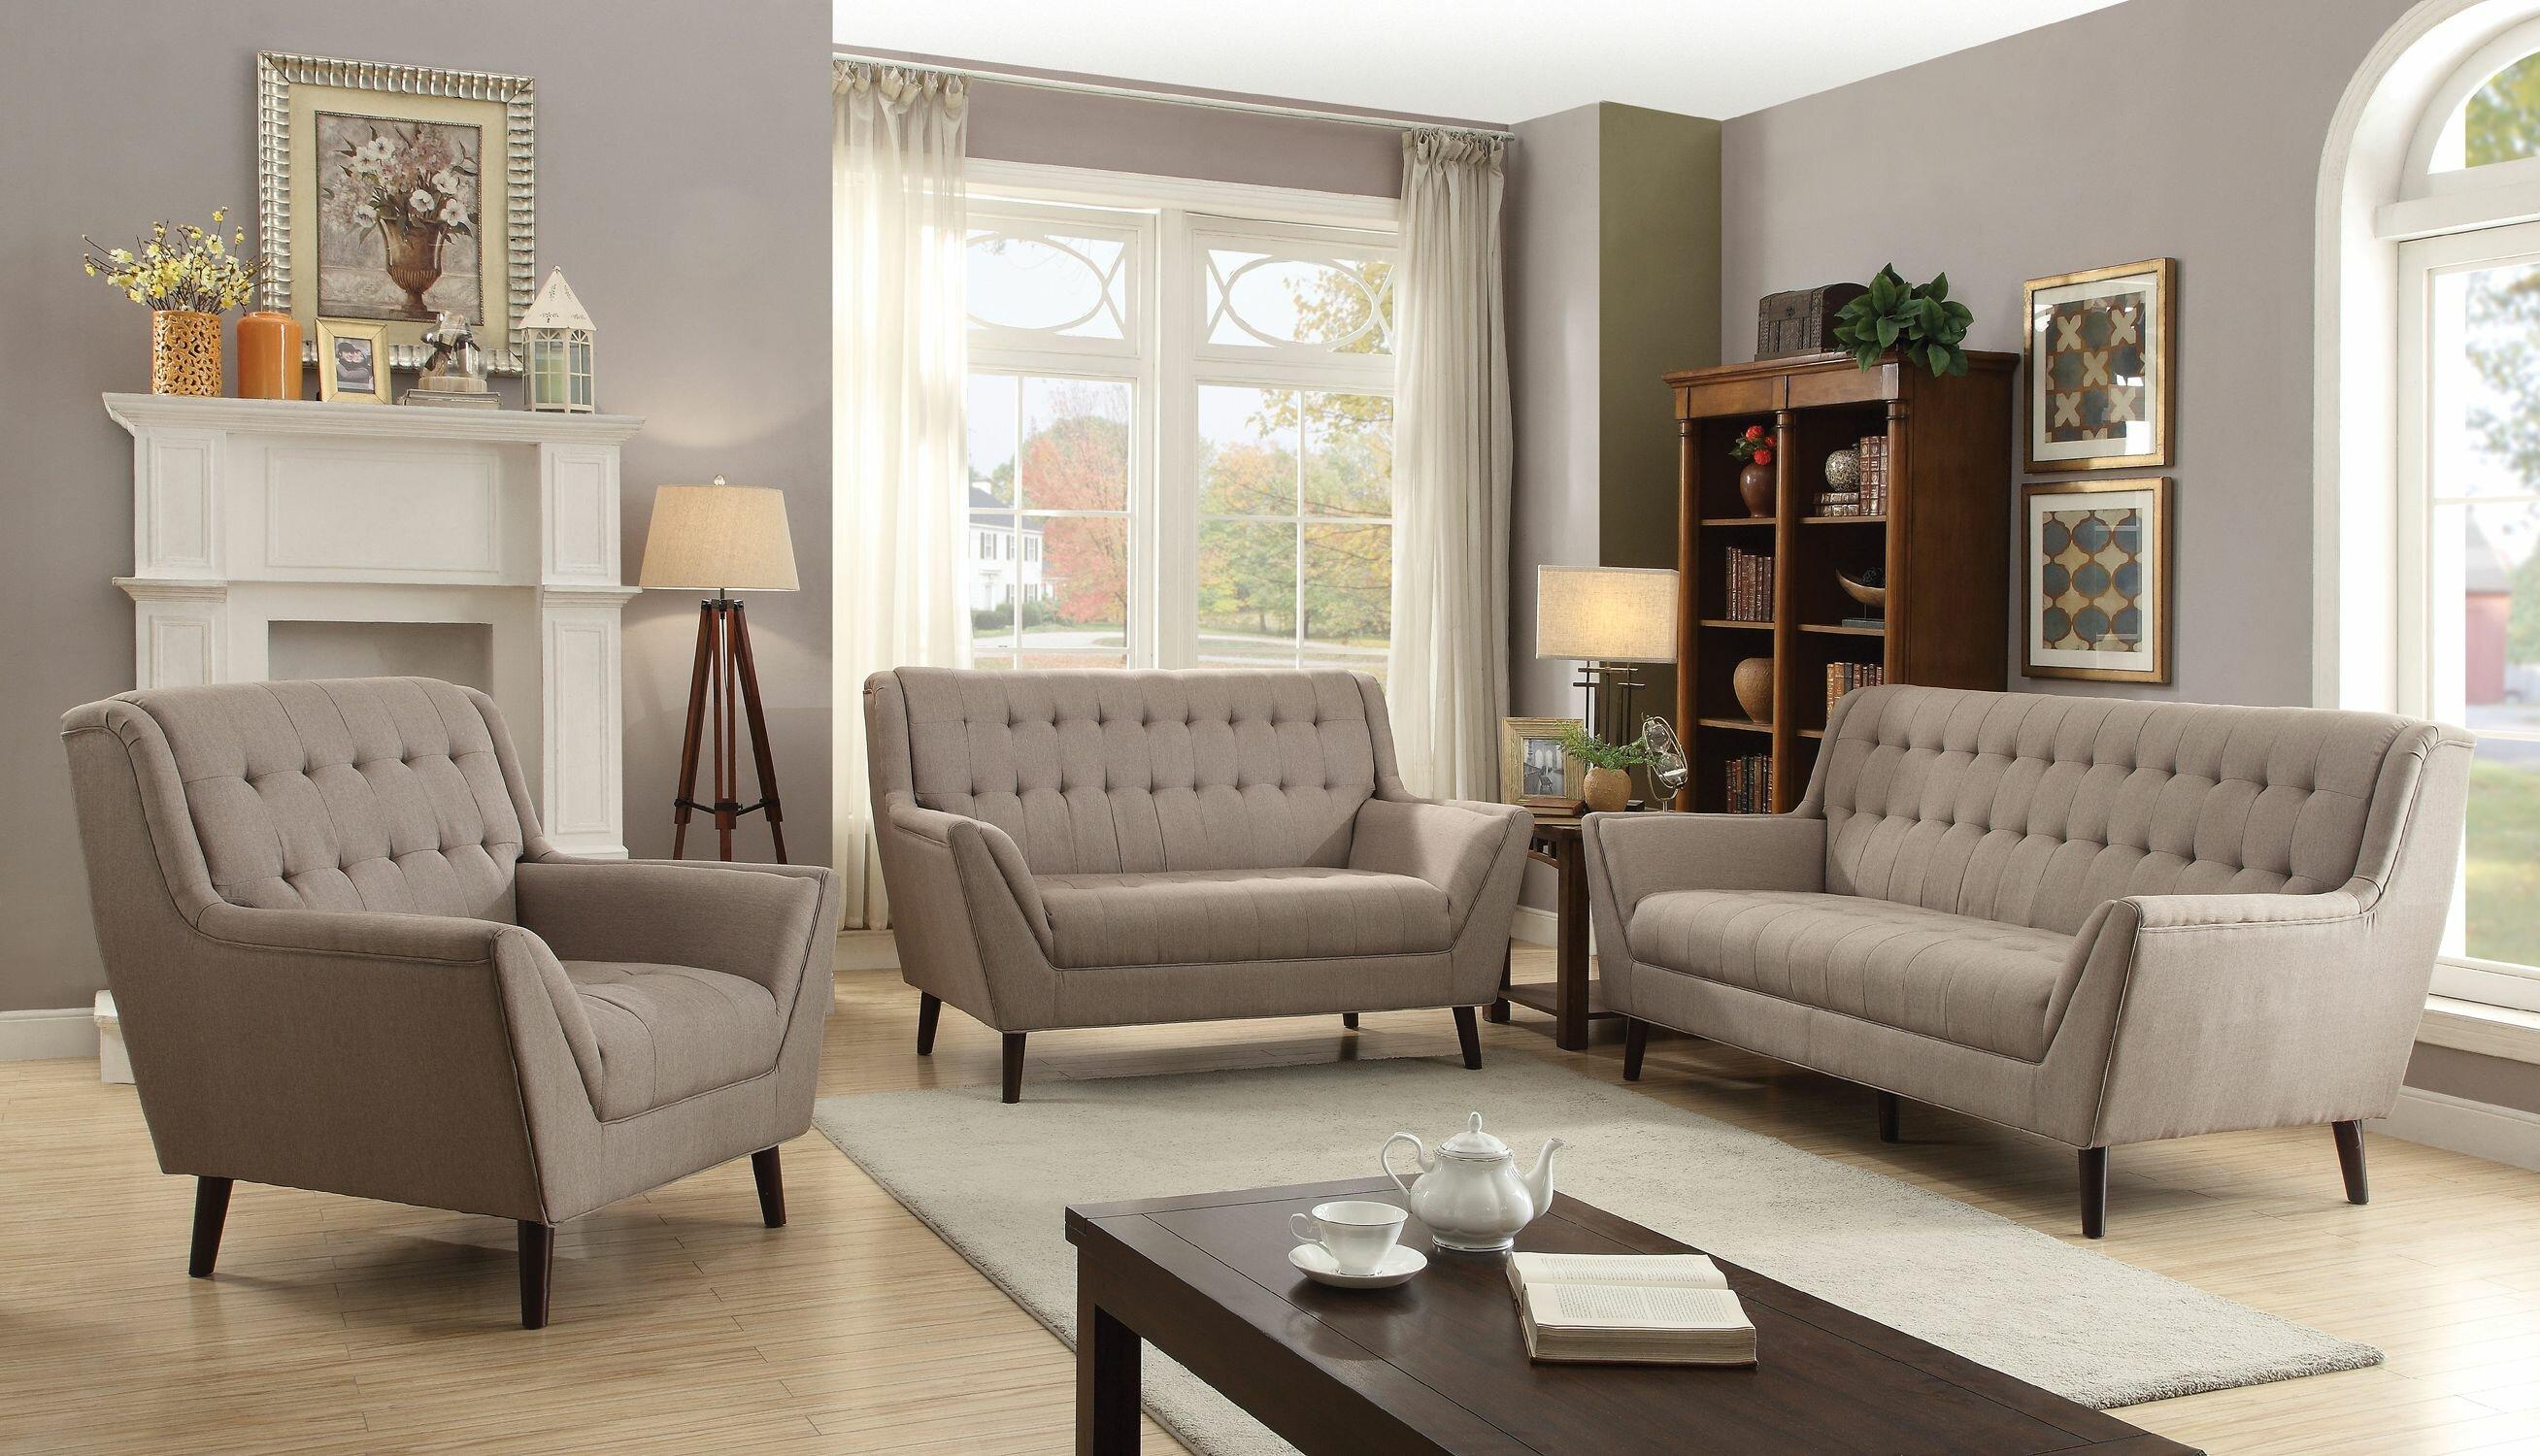 George oliver camryn 3 piece living room set wayfair